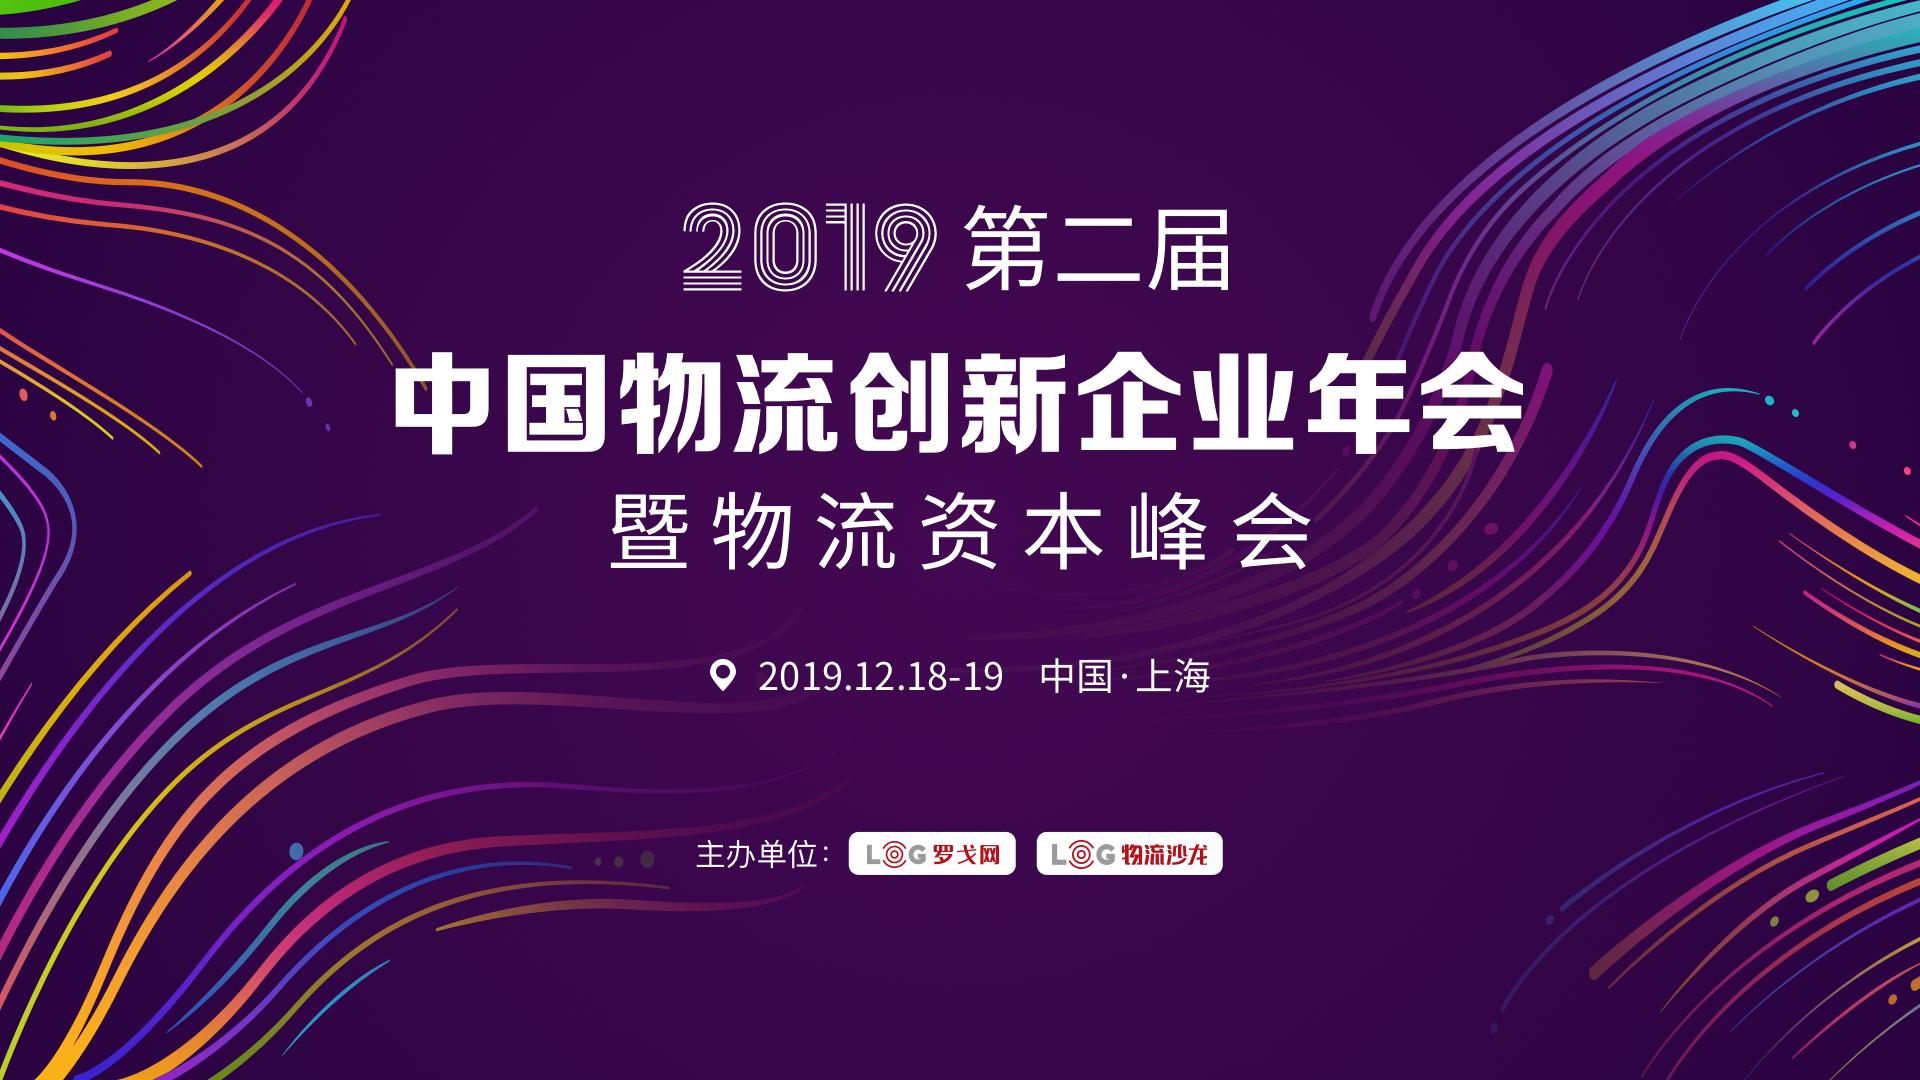 12.19·上海 | 2019第二届中国物流创新企业年会暨物流资本峰会